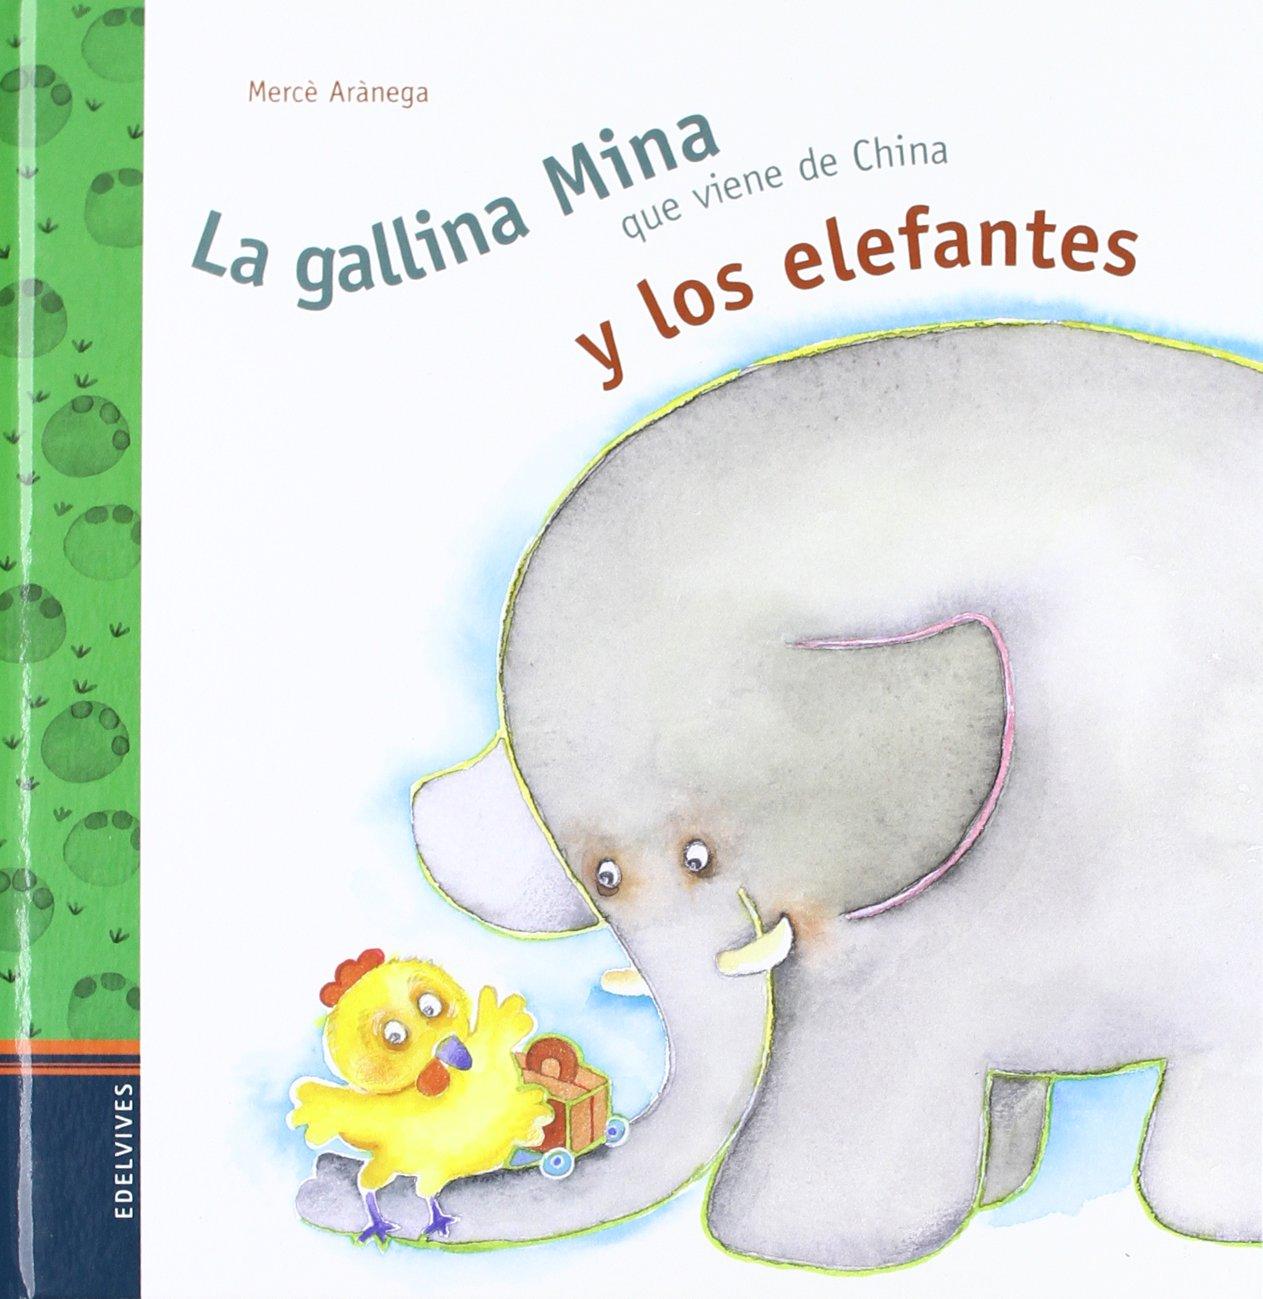 La gallina Mina que viene de China y los elefantes (Spanish) Hardcover – January 1, 1900